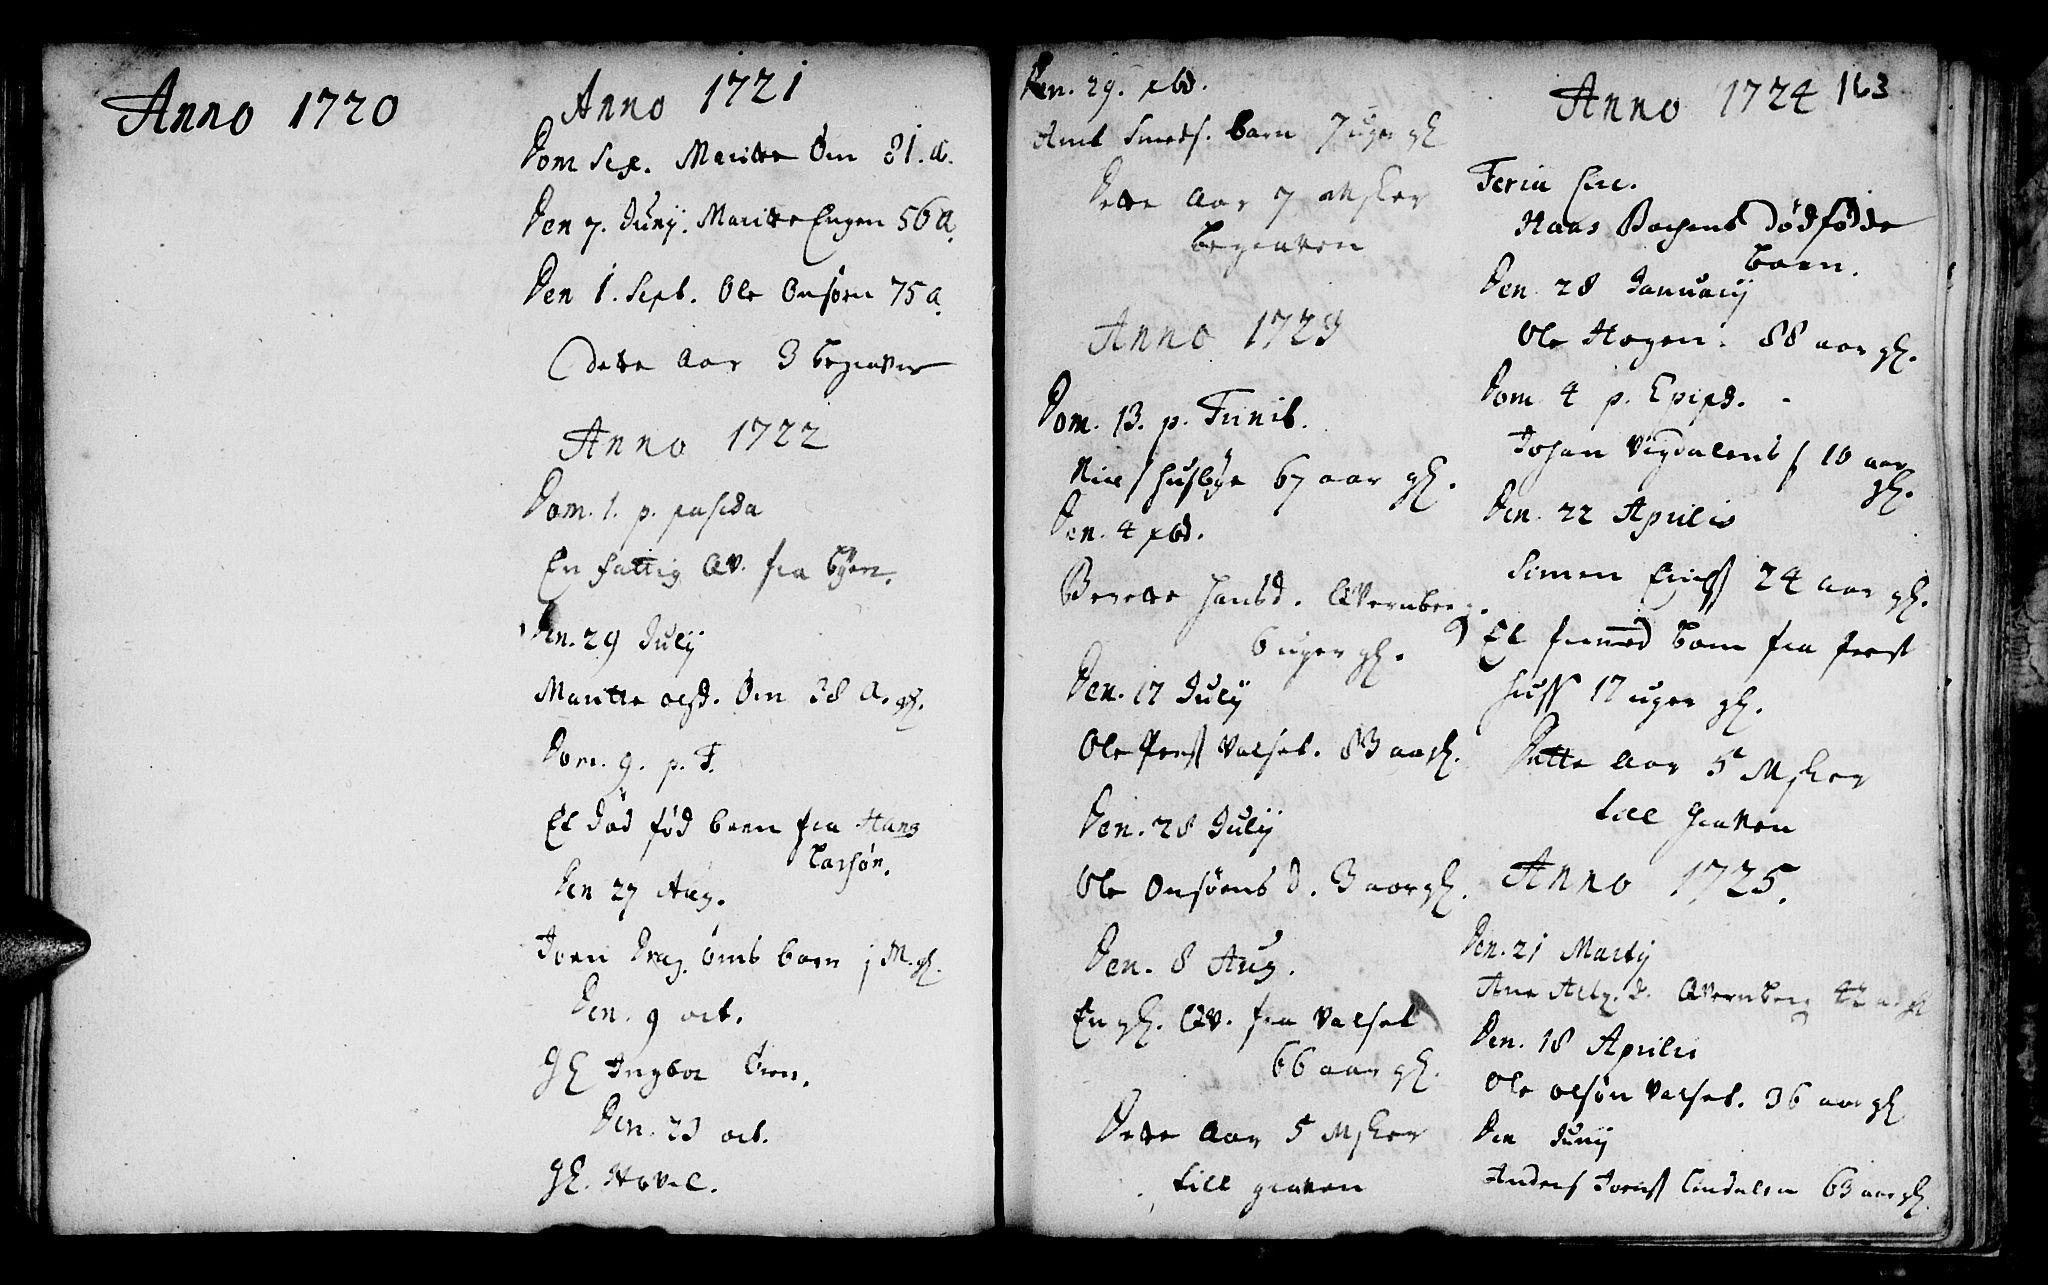 SAT, Ministerialprotokoller, klokkerbøker og fødselsregistre - Sør-Trøndelag, 666/L0783: Ministerialbok nr. 666A01, 1702-1753, s. 163